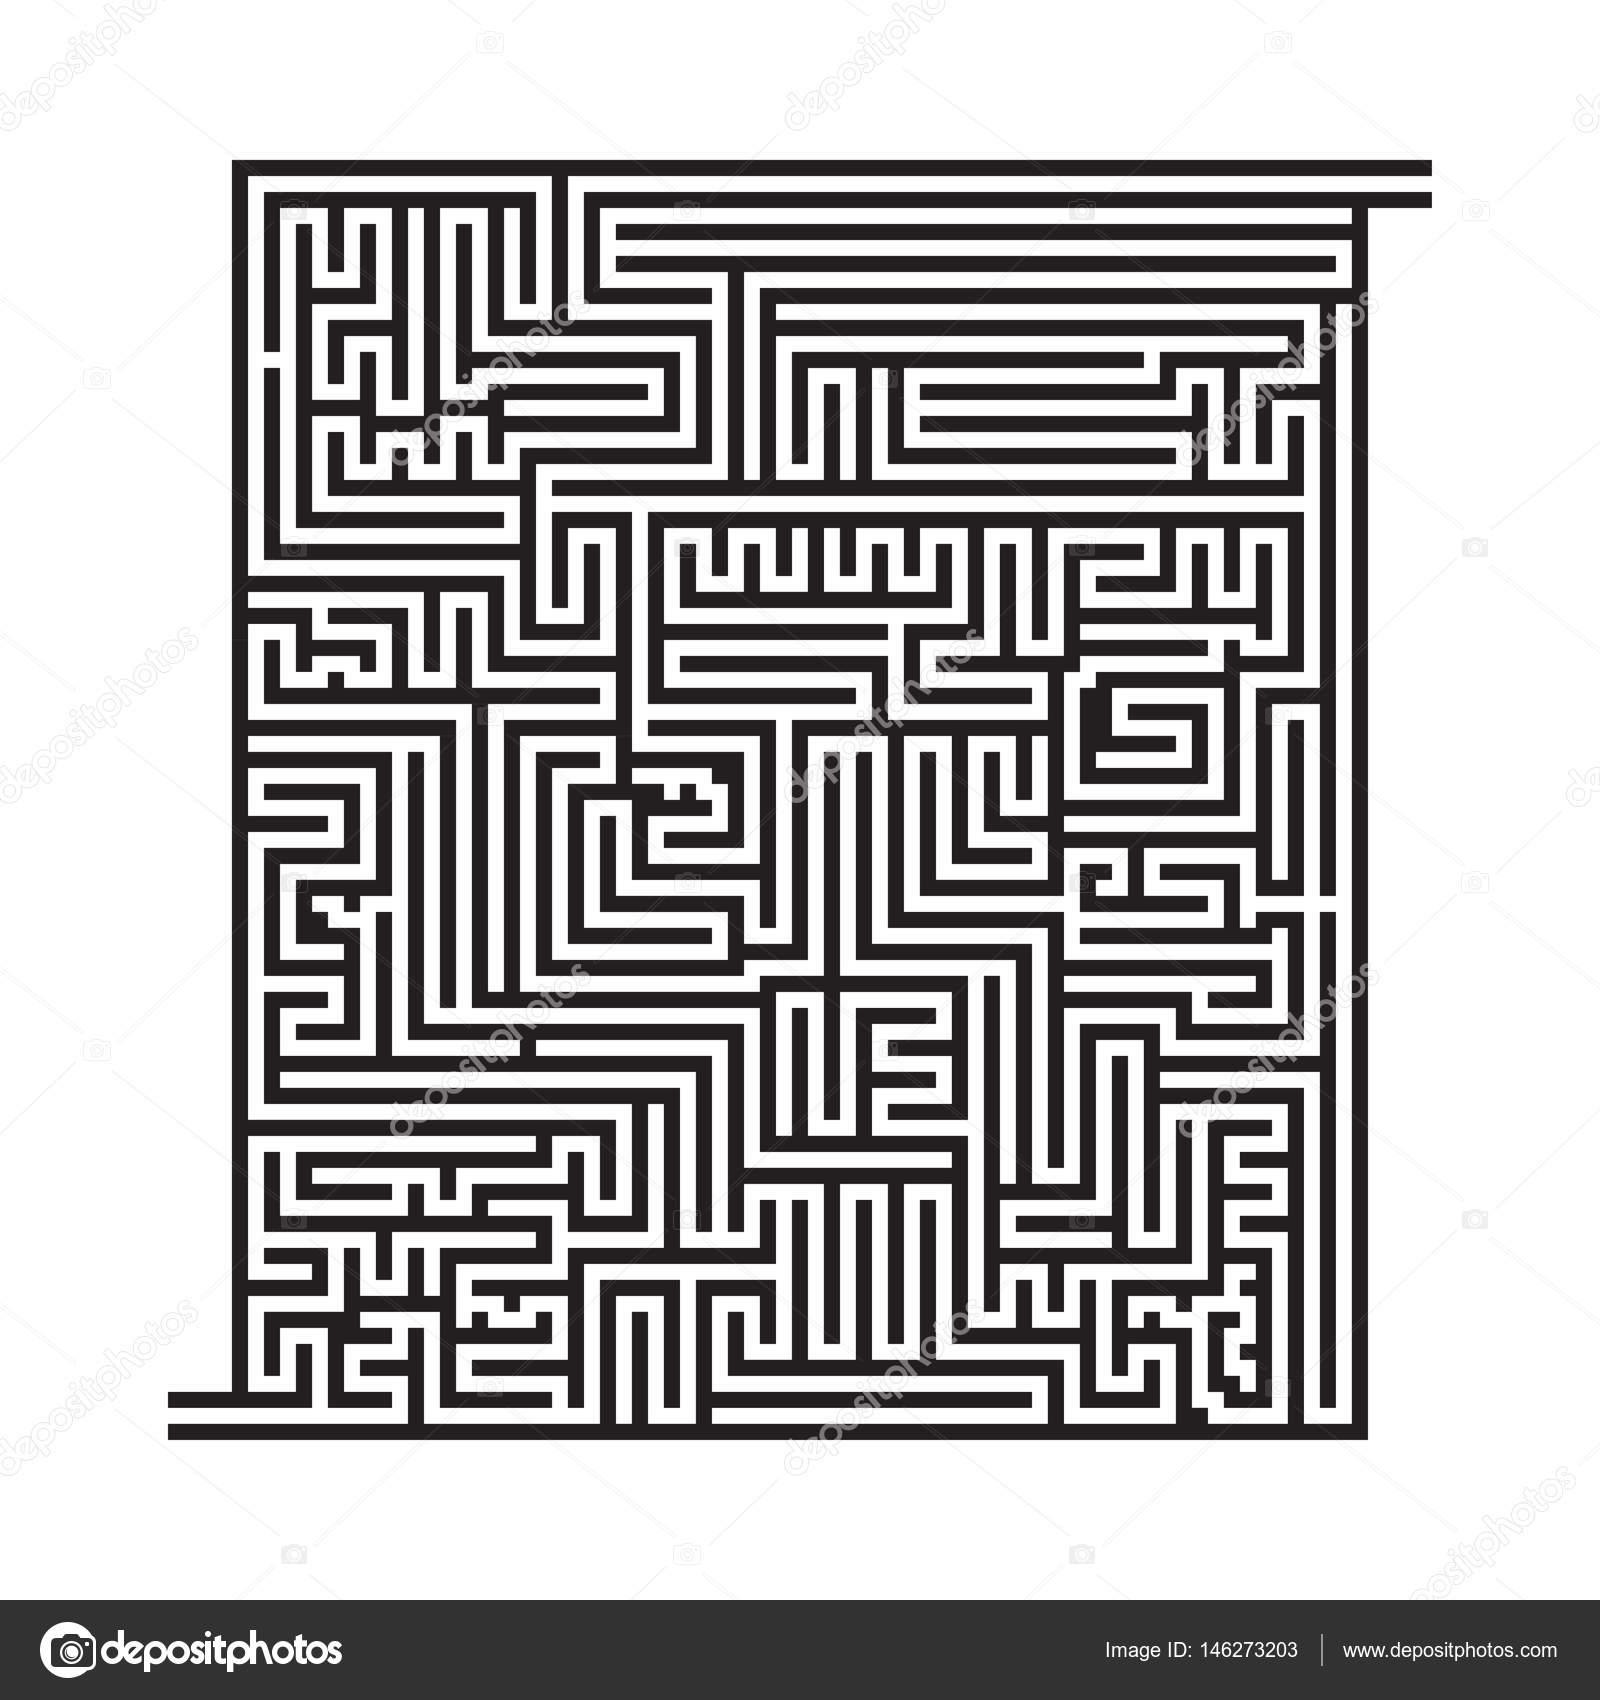 Quadratische Labyrinth Spiel Skizze, high-Level. Malvorlagen ...